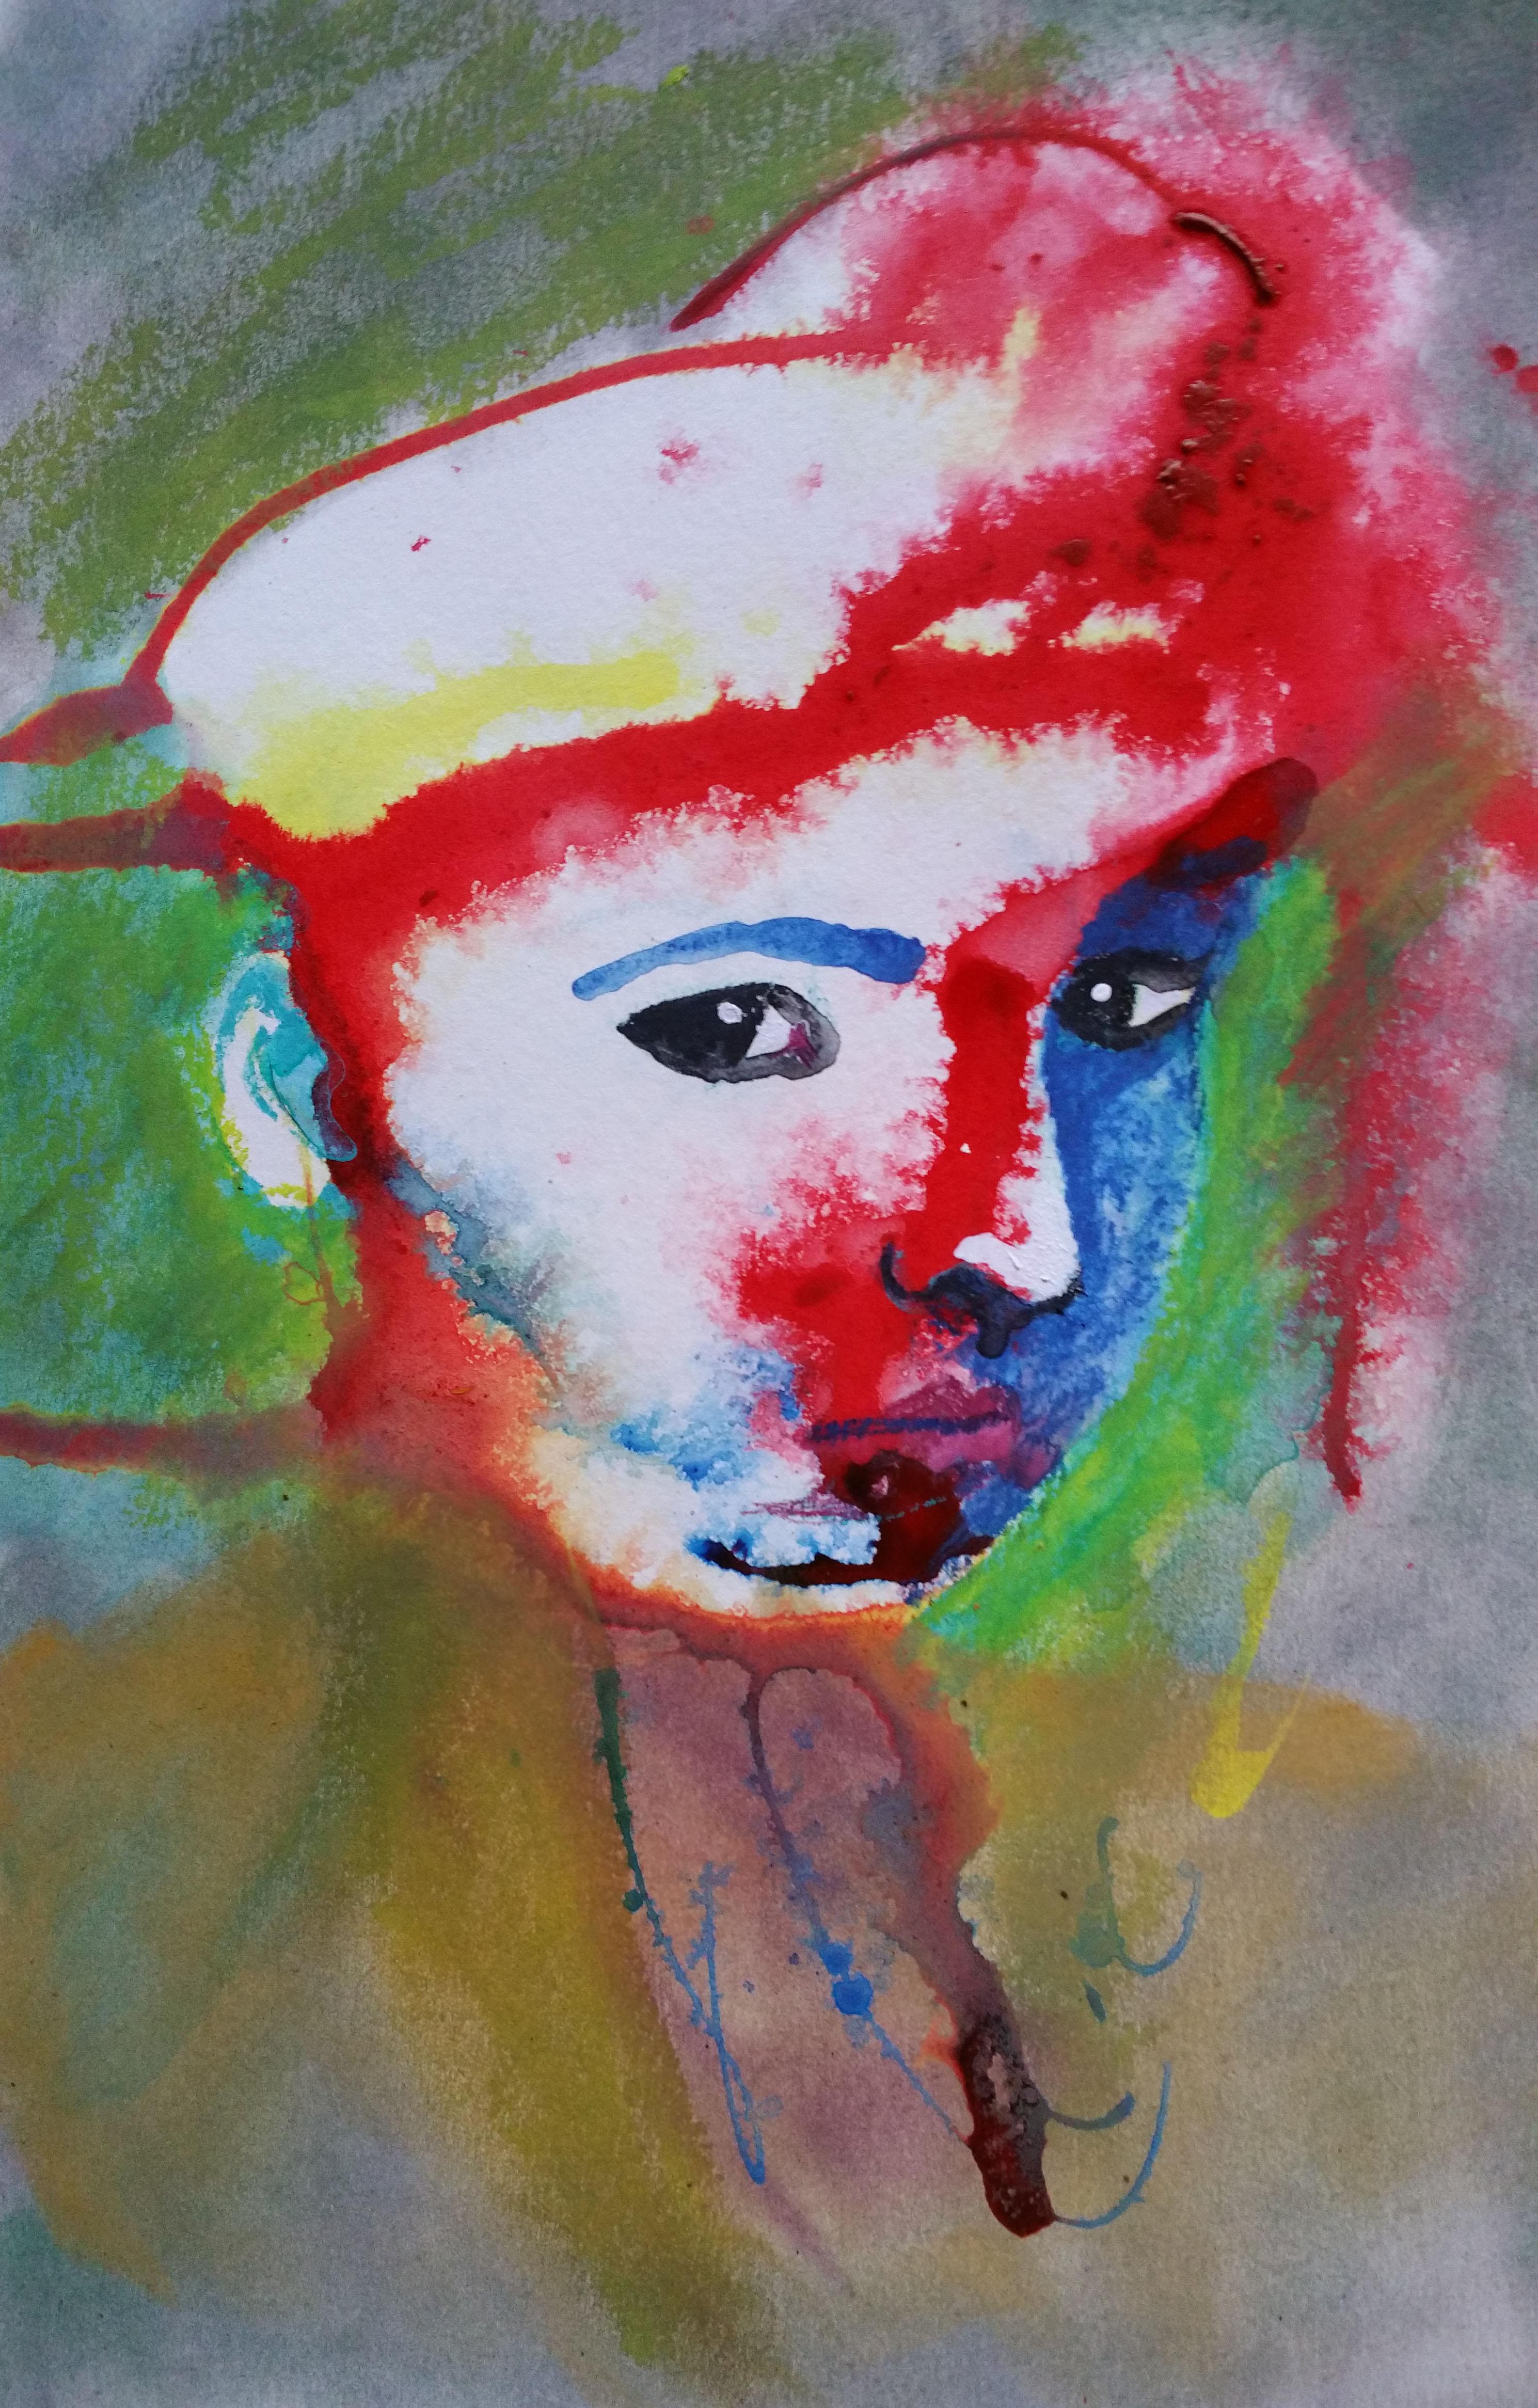 <b>Rorschach Inkblots and Portraiture</b>